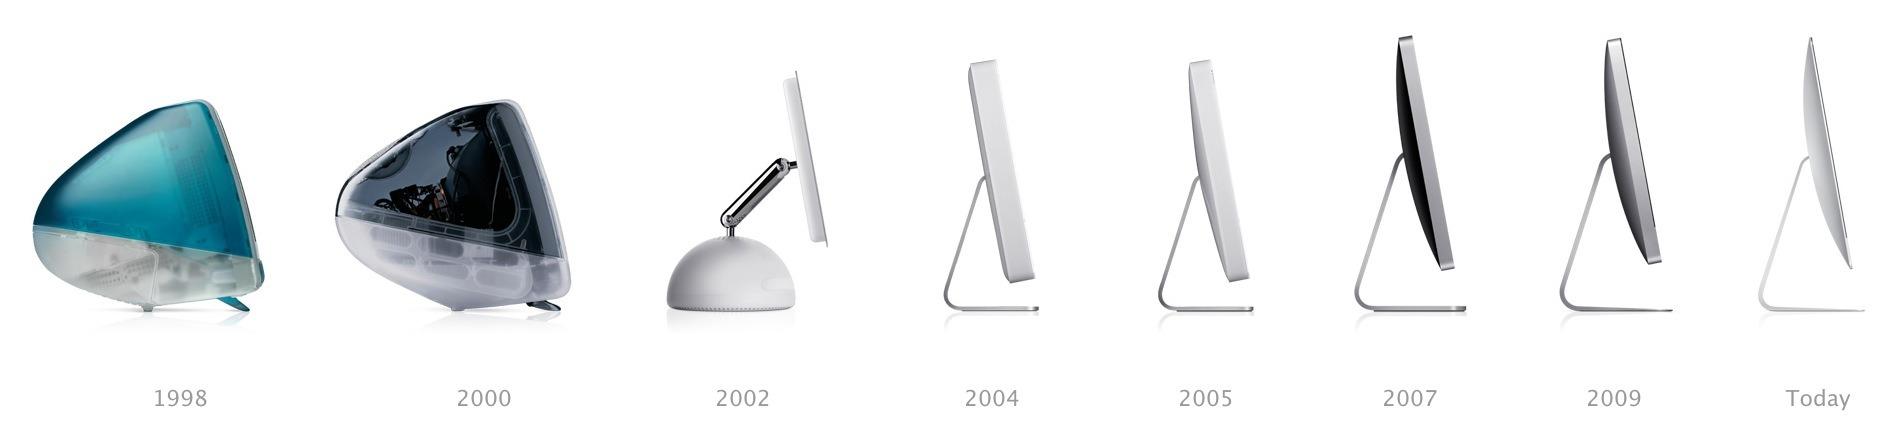 Evolution-of-Product-Design-SolidSmack6